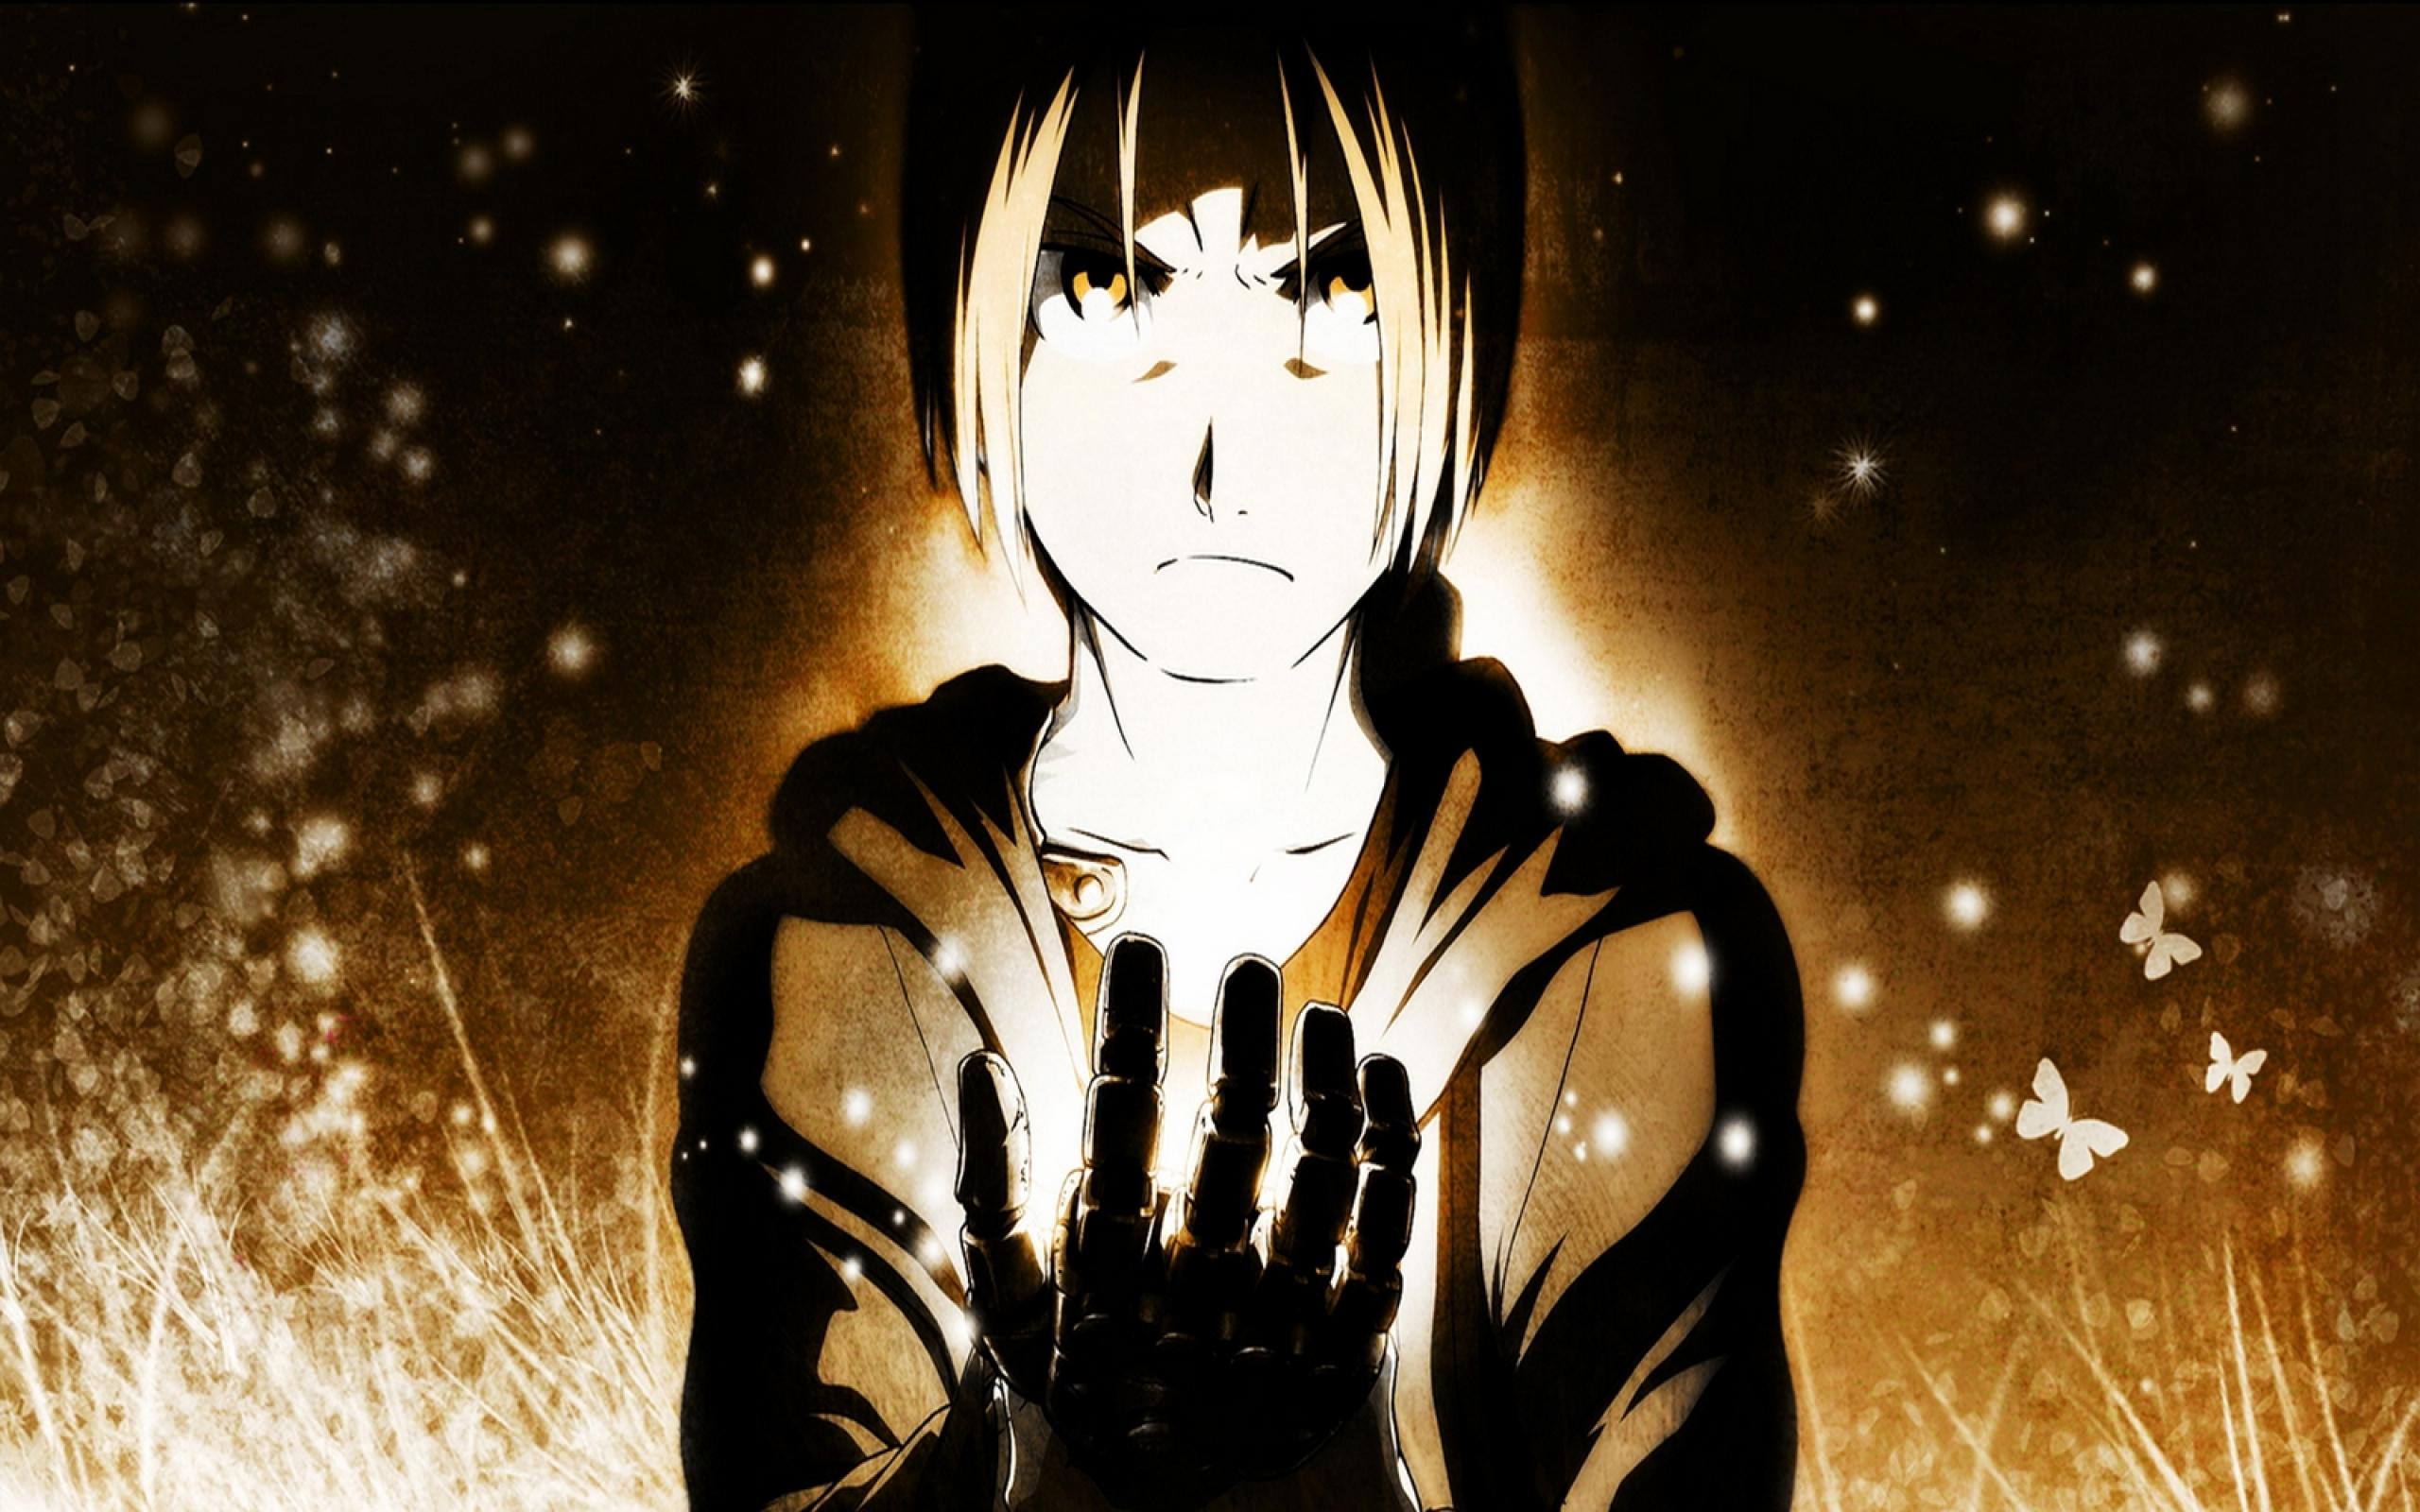 ed - Fullmetal Alchemist: Brotherhood - Anime Wallpaper ...